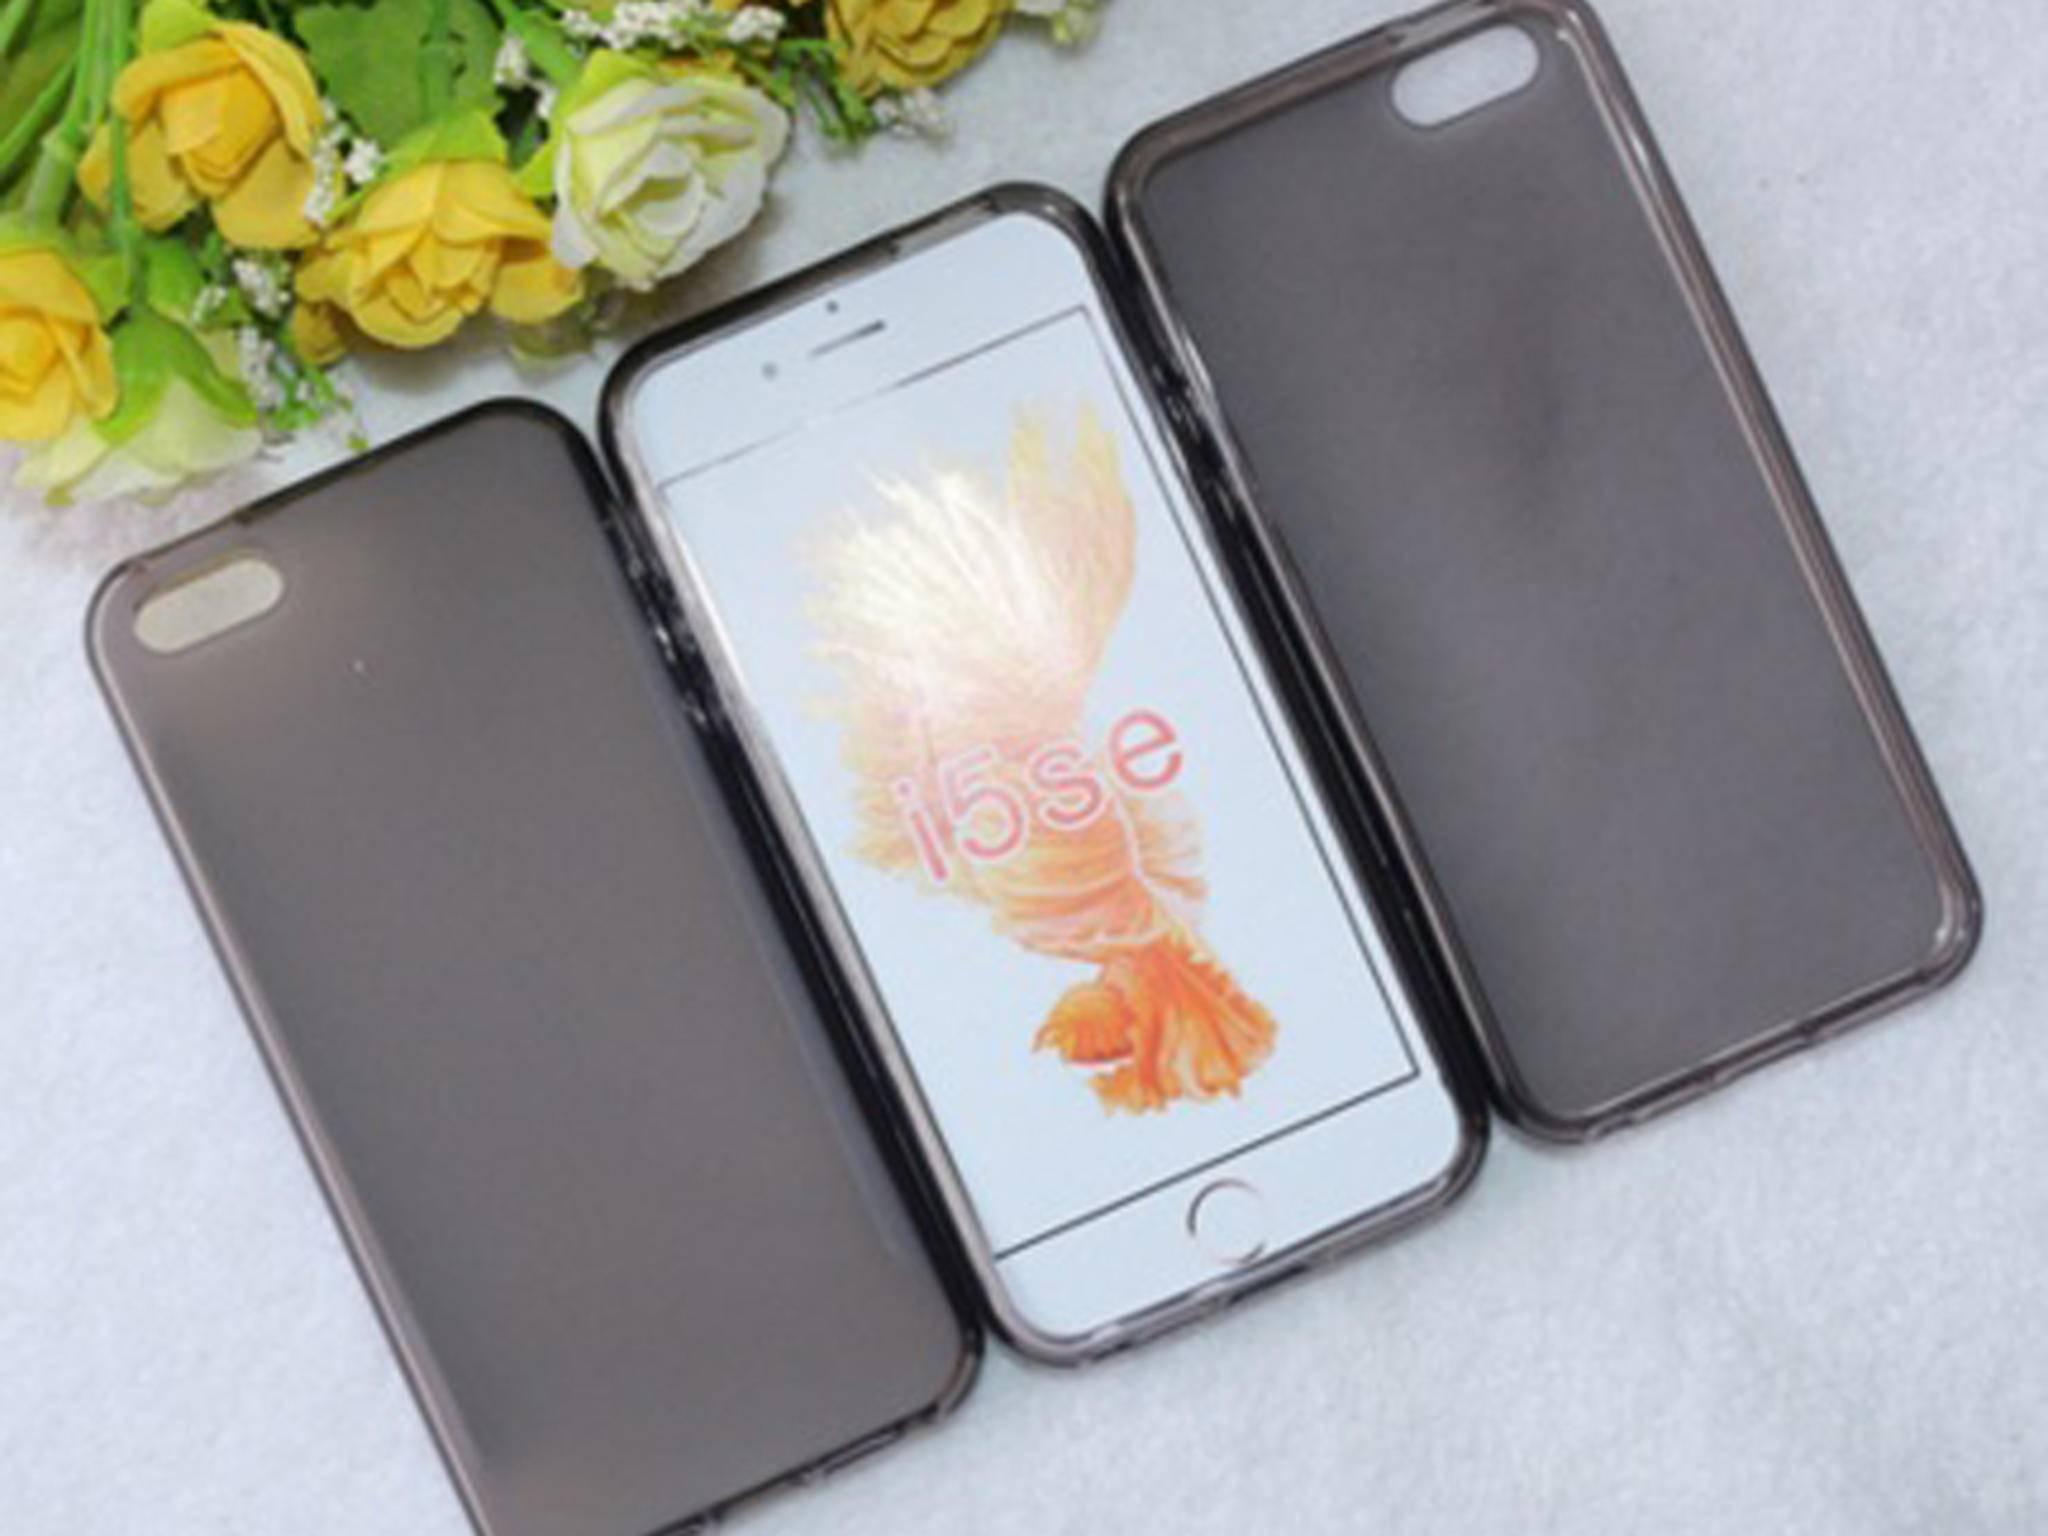 Dieses Case erinnert eher an das iPhone 5s.